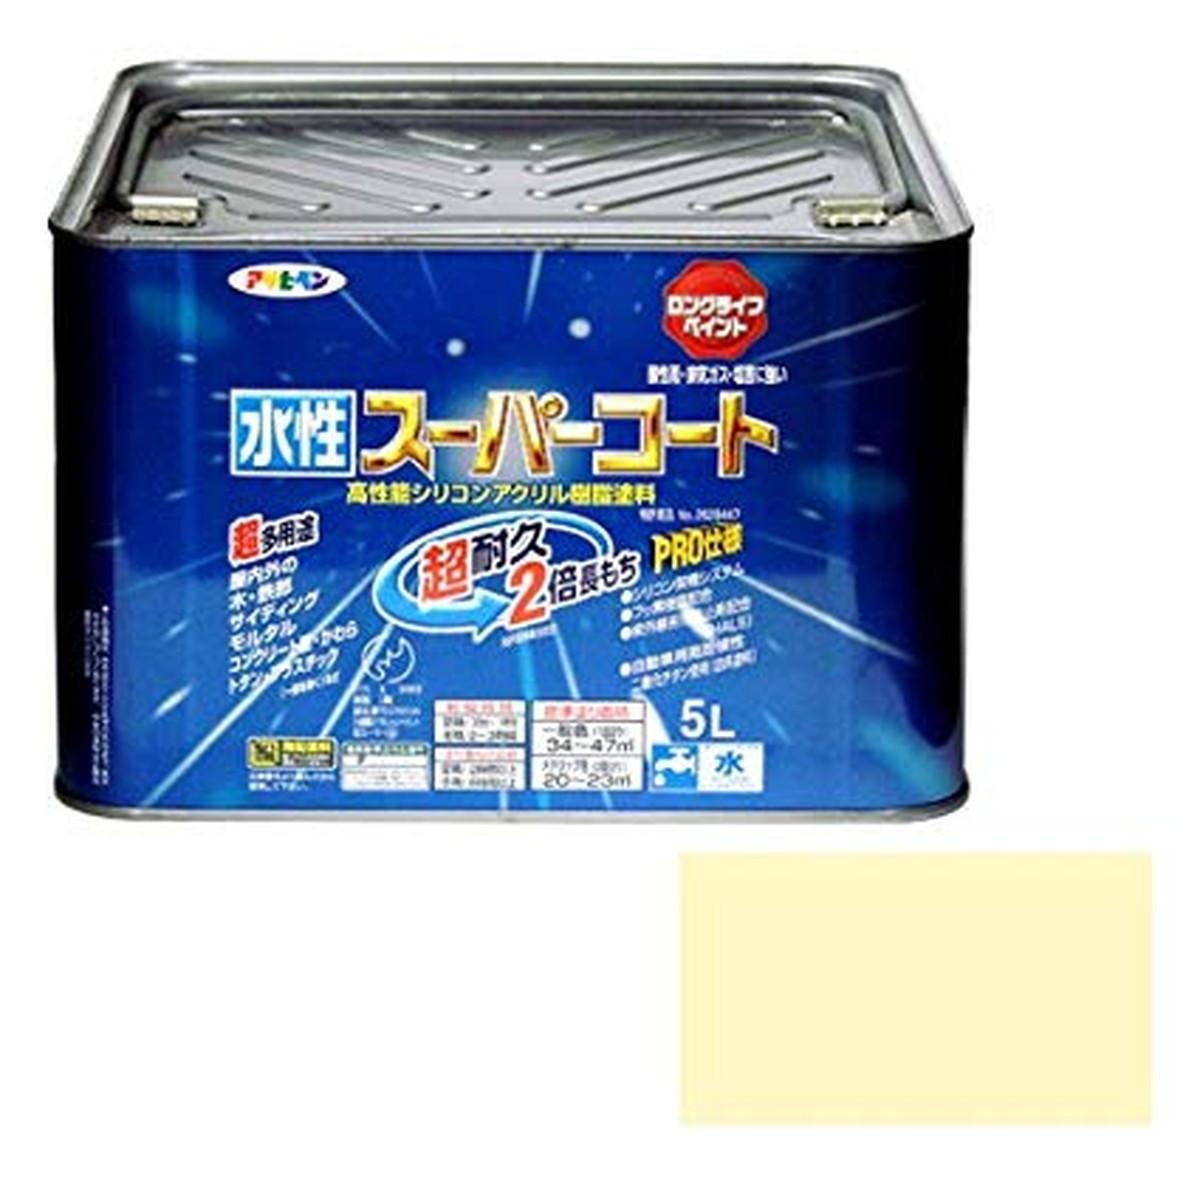 アサヒペン ペンキ 水性スーパーコート 水性多用途 アイボリー 5L【クーポン配布中】